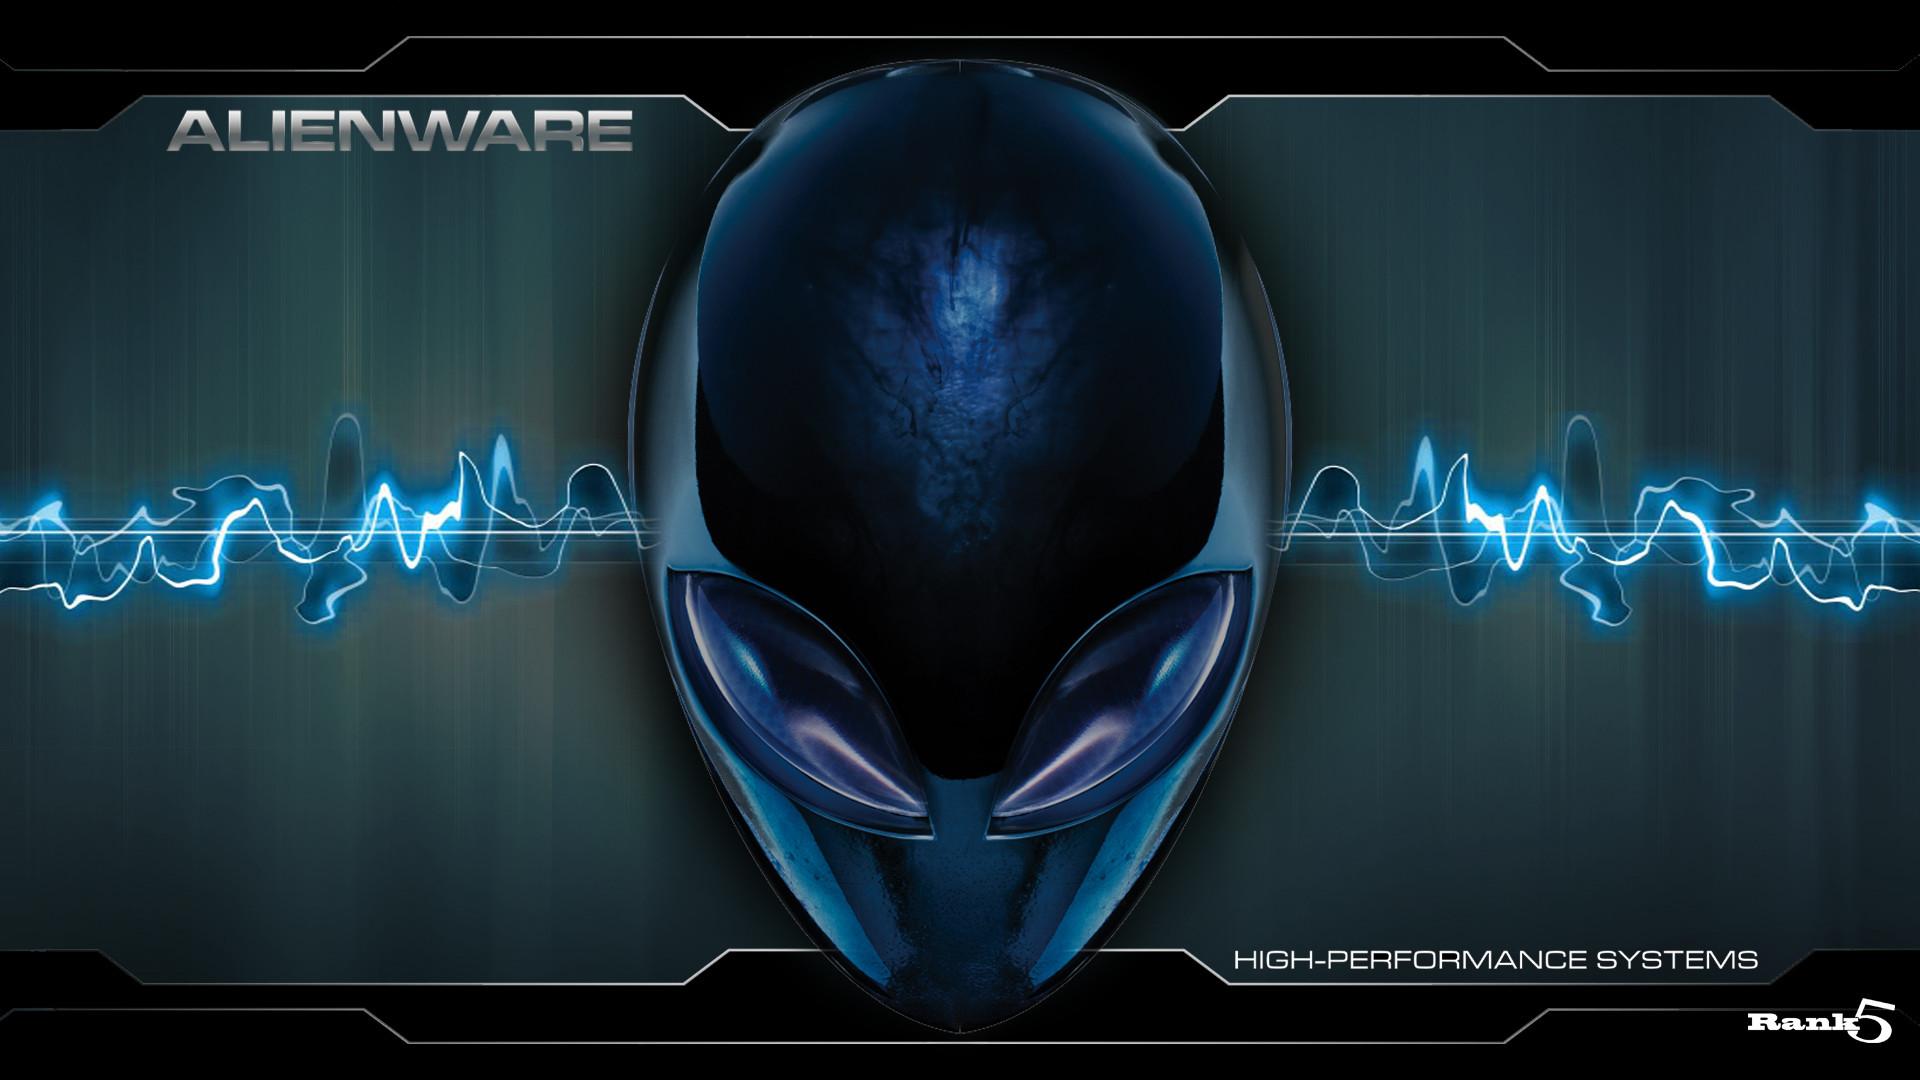 Alienware Wallpaper 1920x1080 Hd 80 Images